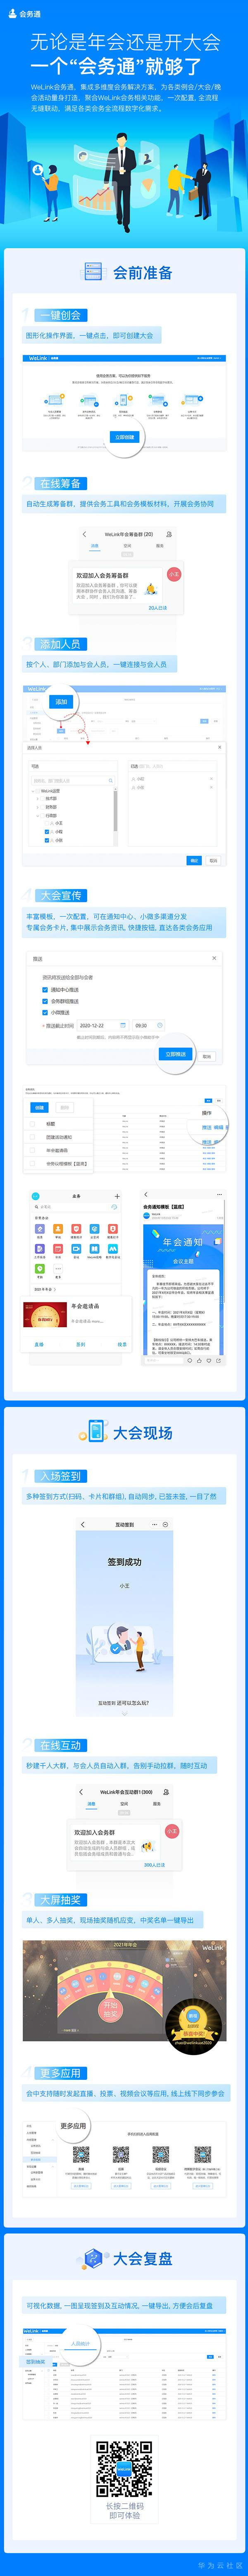 WeLink会务通一张图宣传.jpg